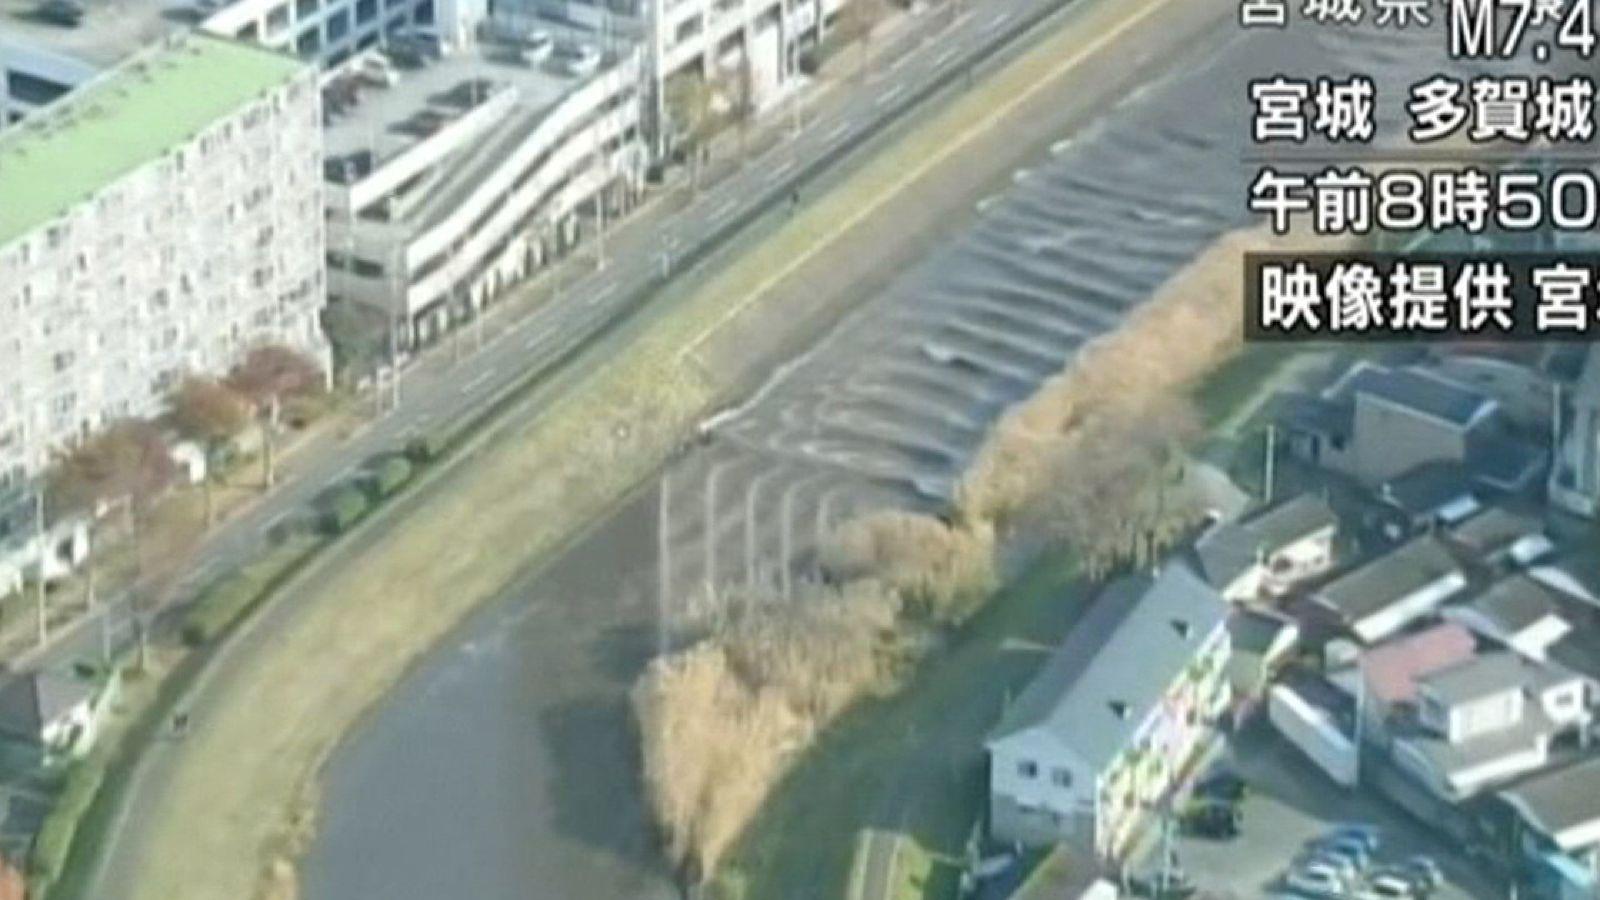 Fukushima tsunami warning lifted after strong quake hits Japan